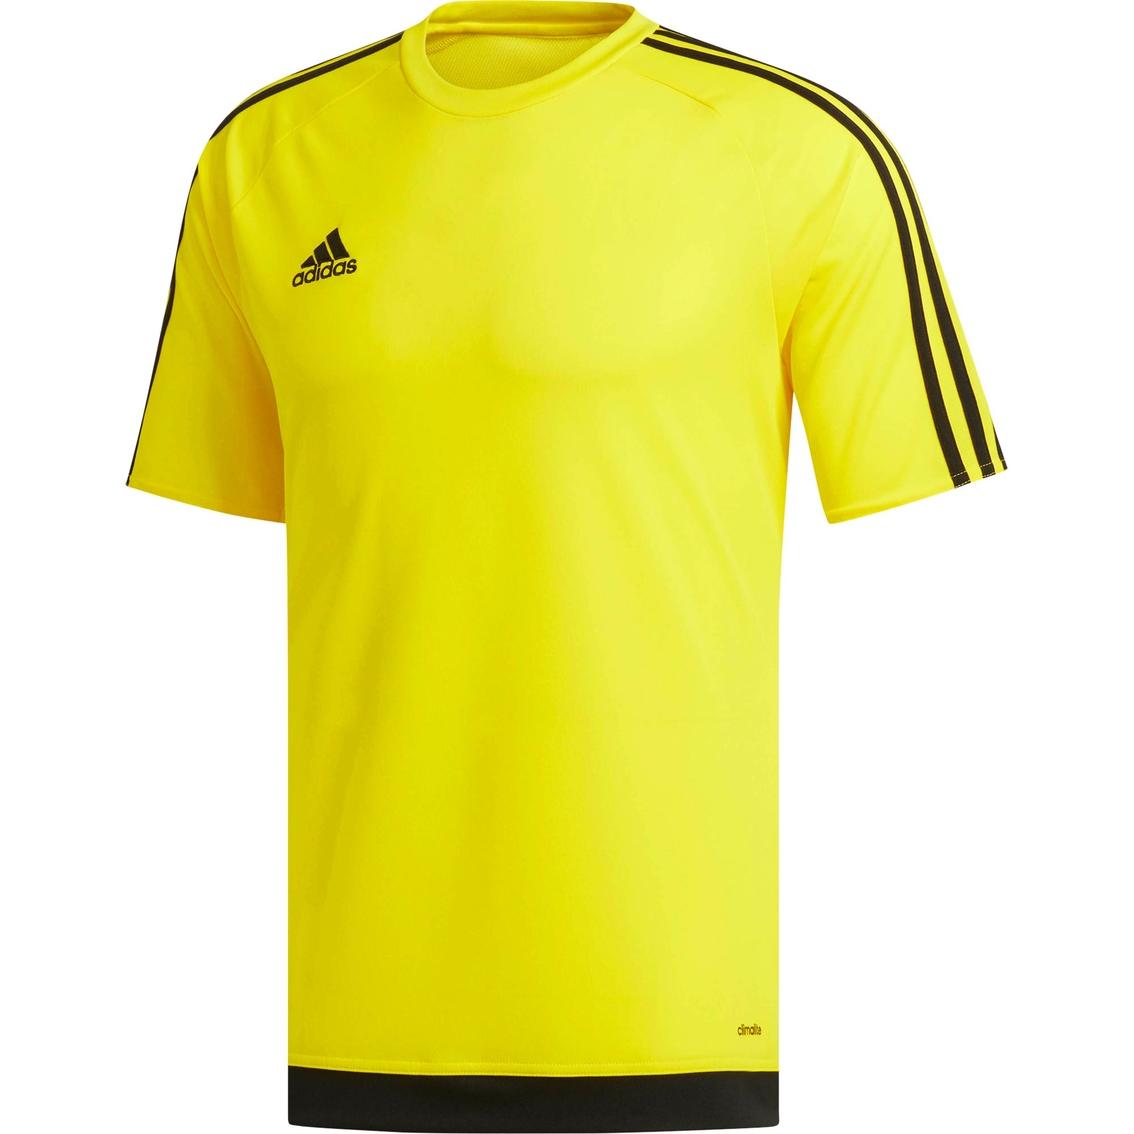 f8d3e83daf3 Adidas Estro 15 Jersey